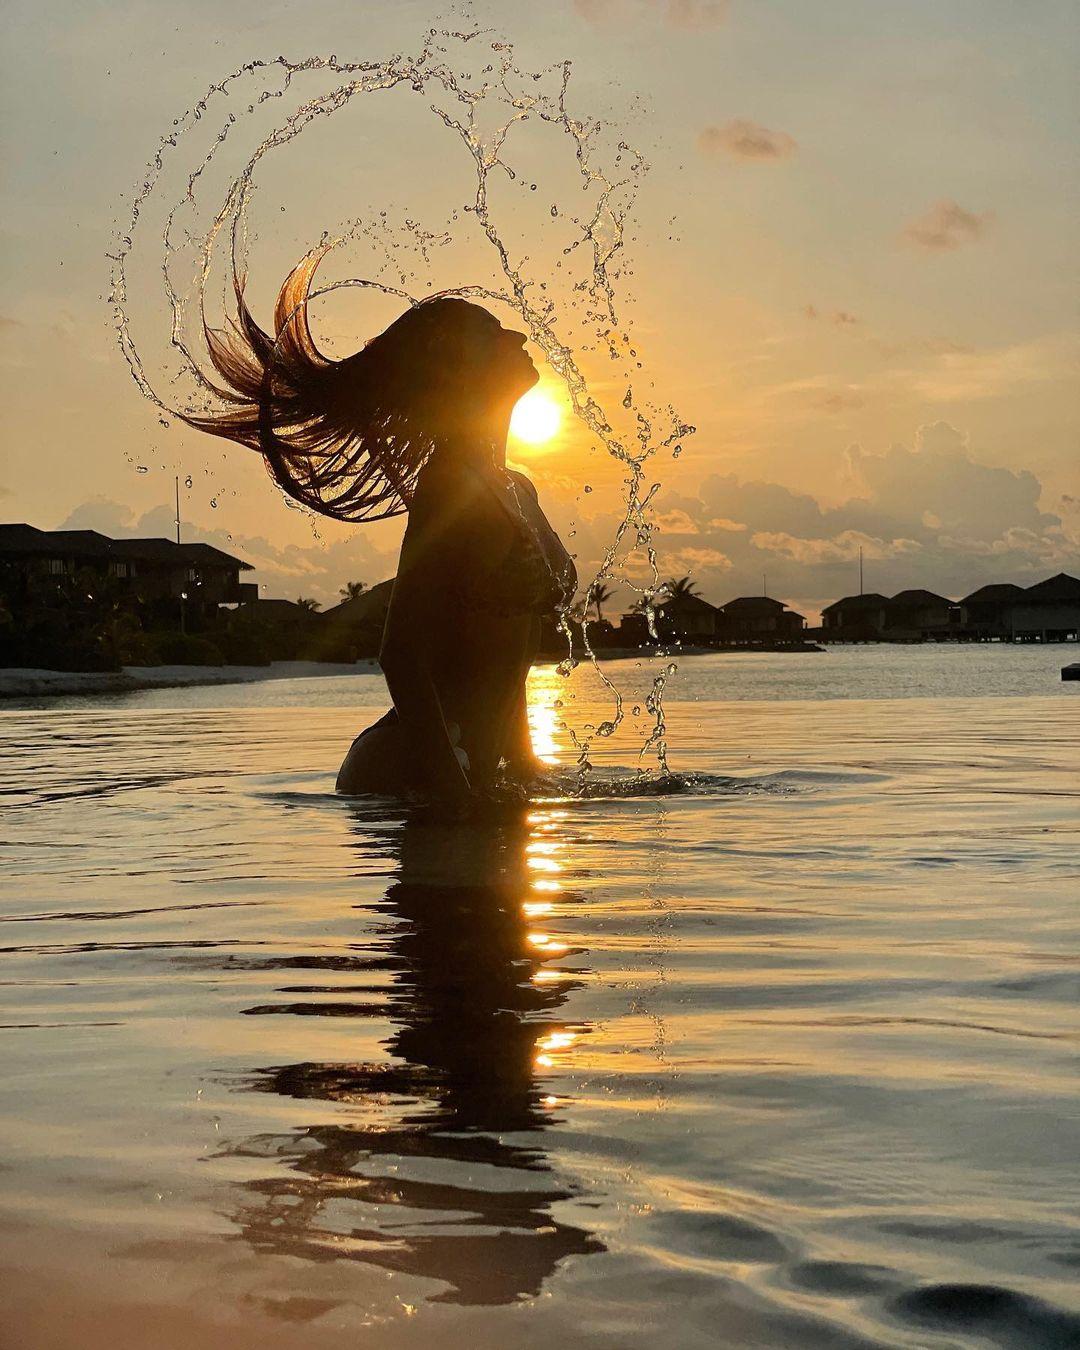 Disha patani looking hot and Glamorous in bikini